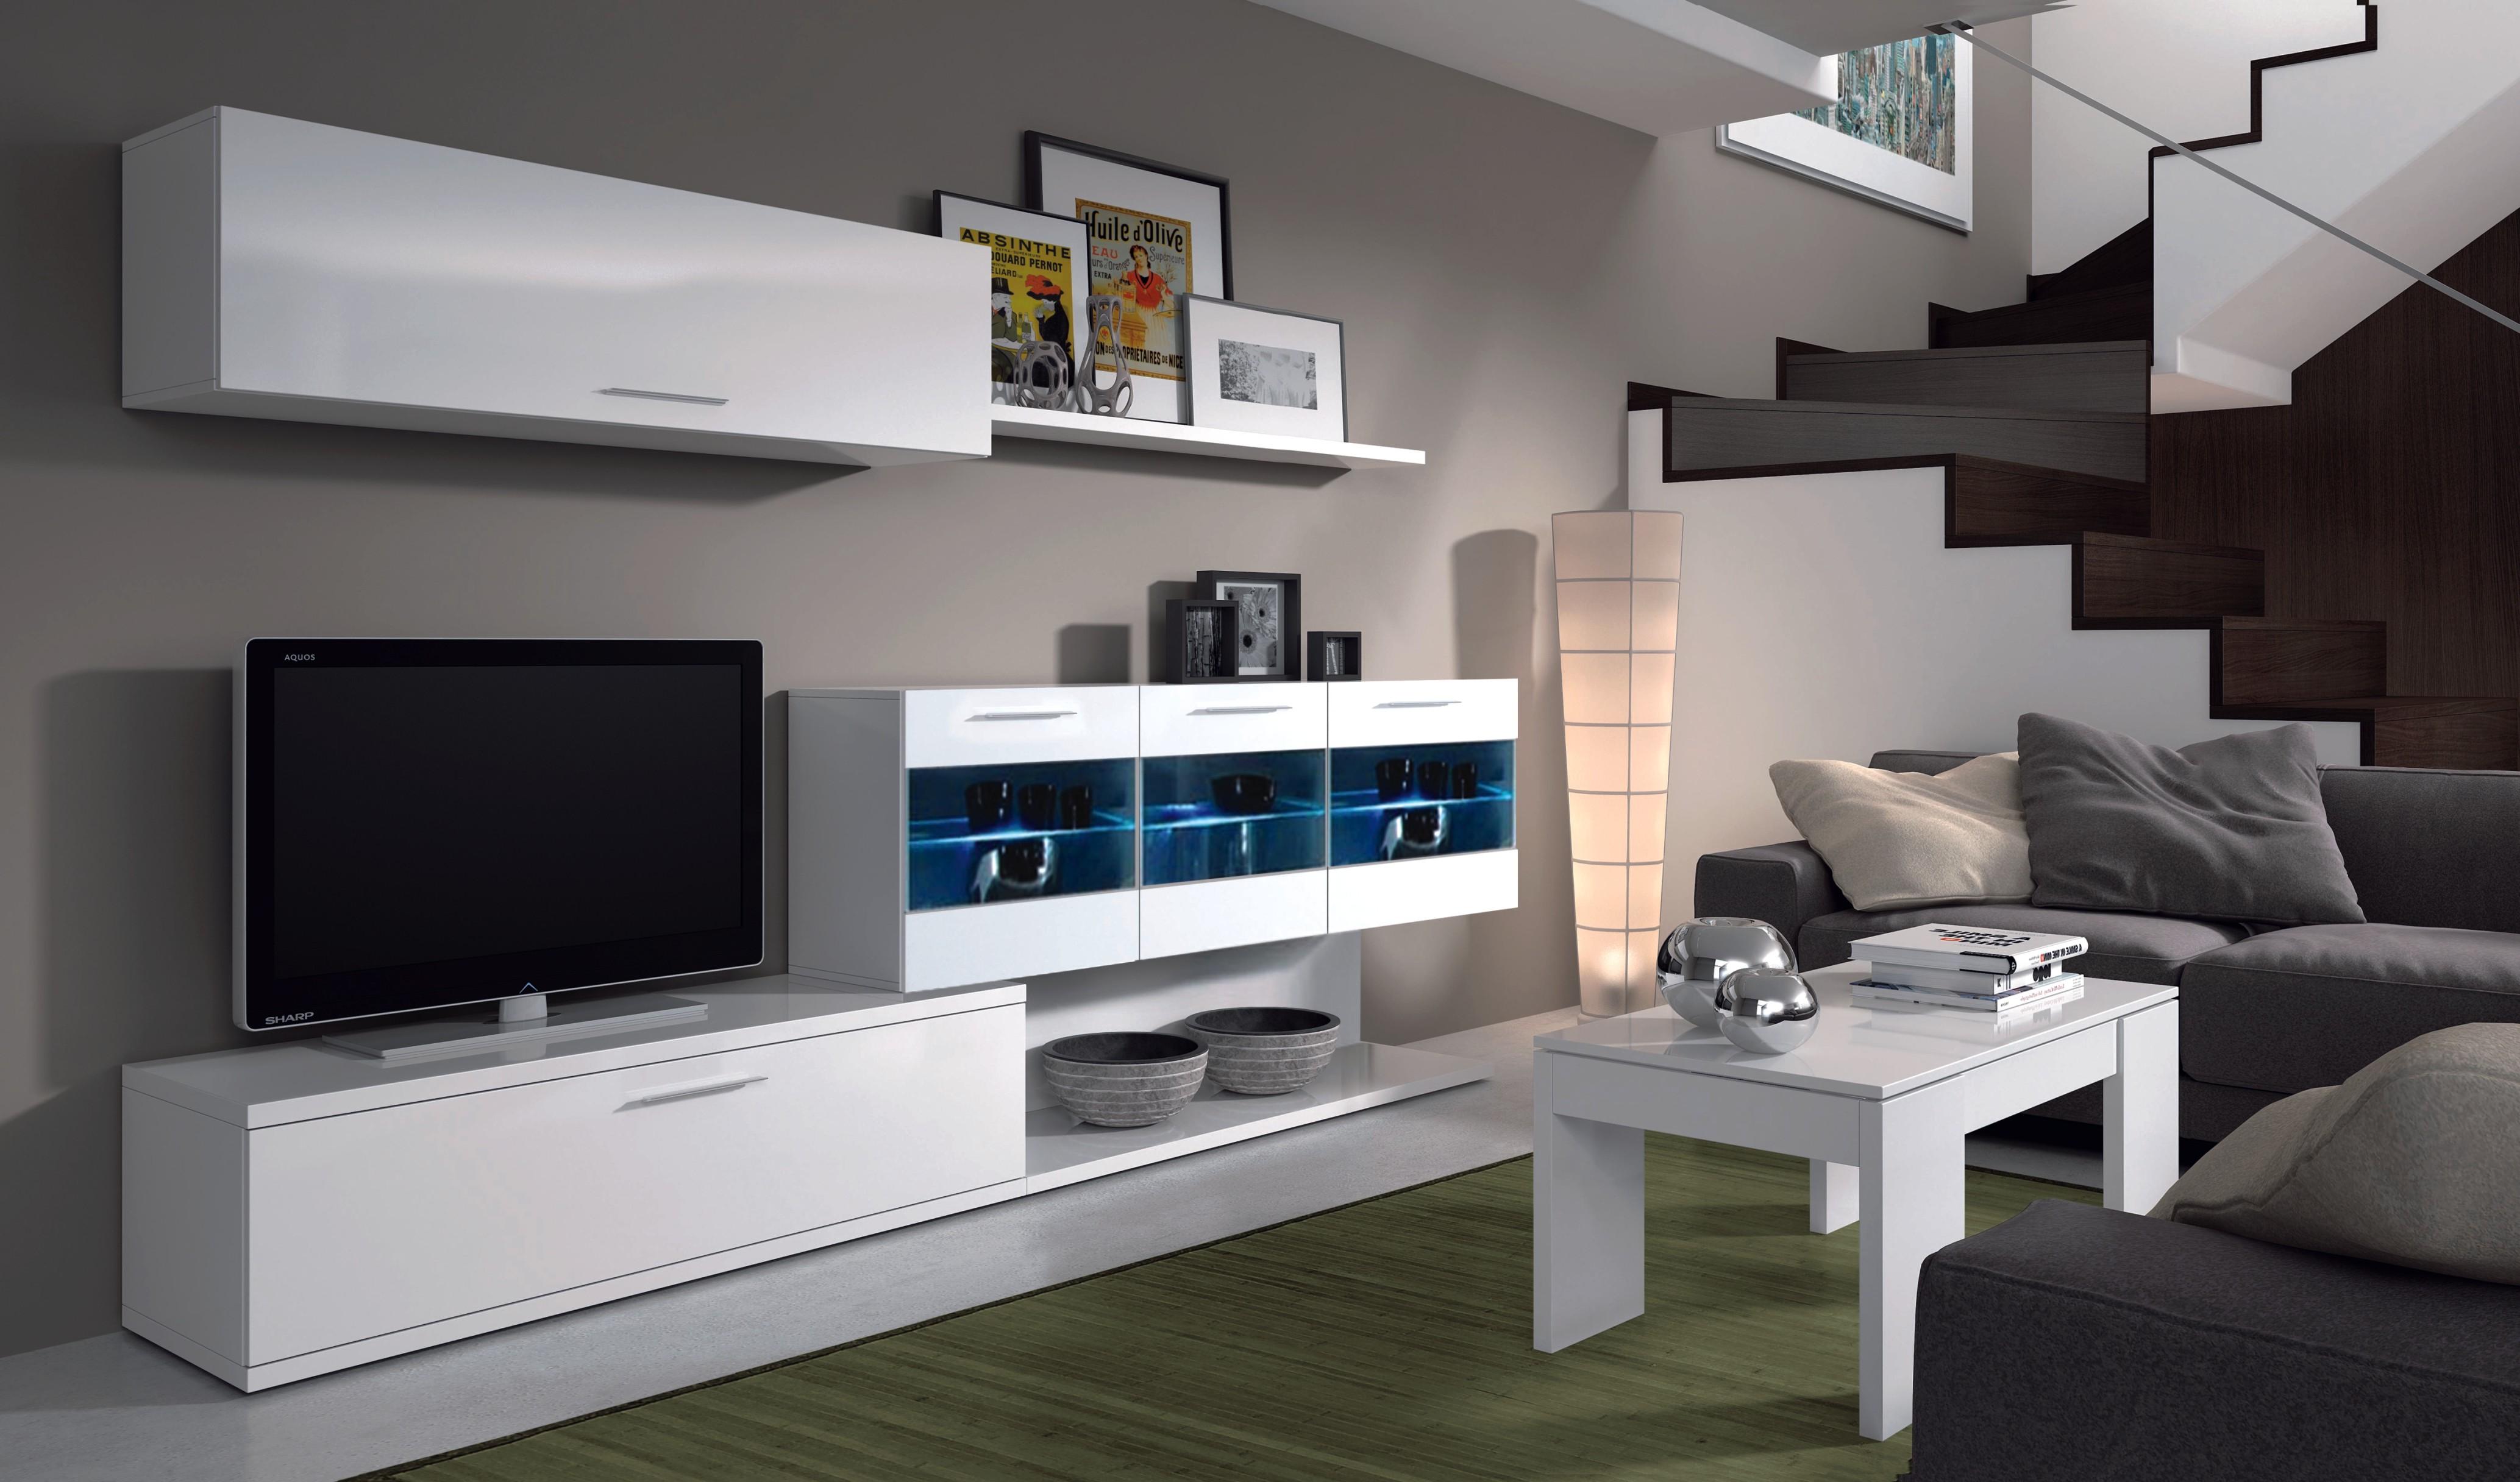 Muebles Modernos Para Oficina Sharemedoc # Muebles Modernos